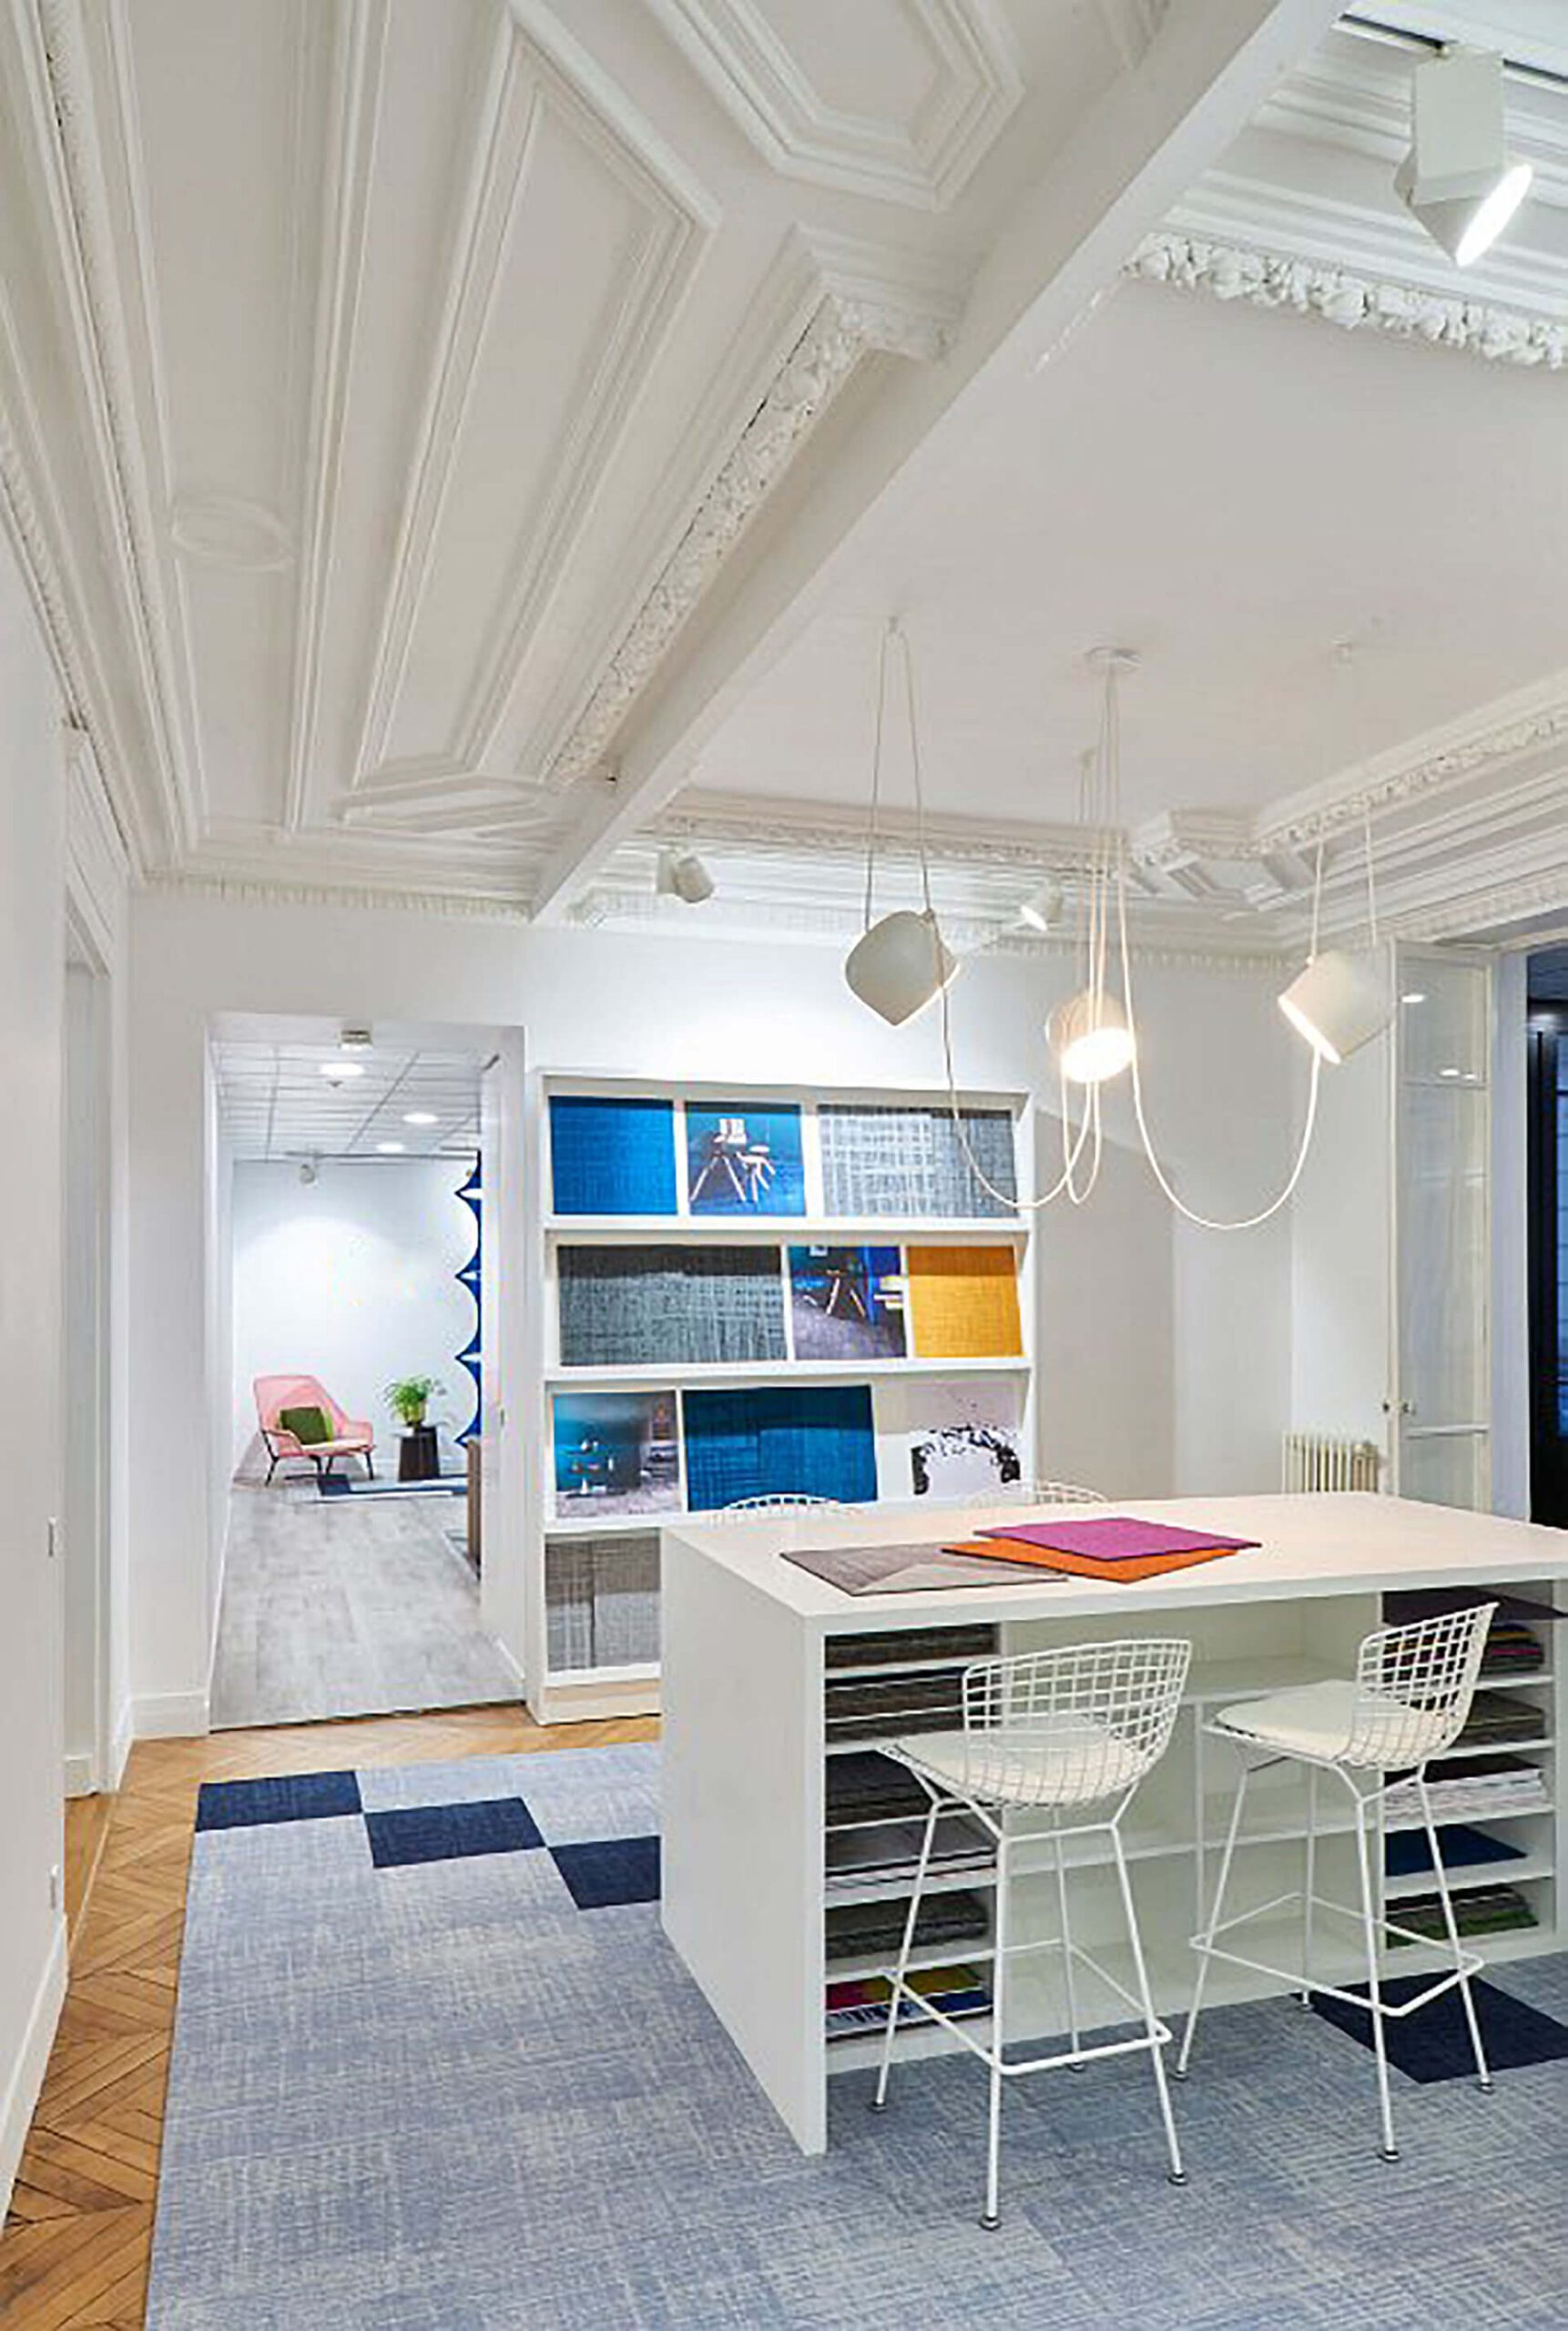 Espaço textil com tecidos em móvel branco e mesa com cadeiras altas.